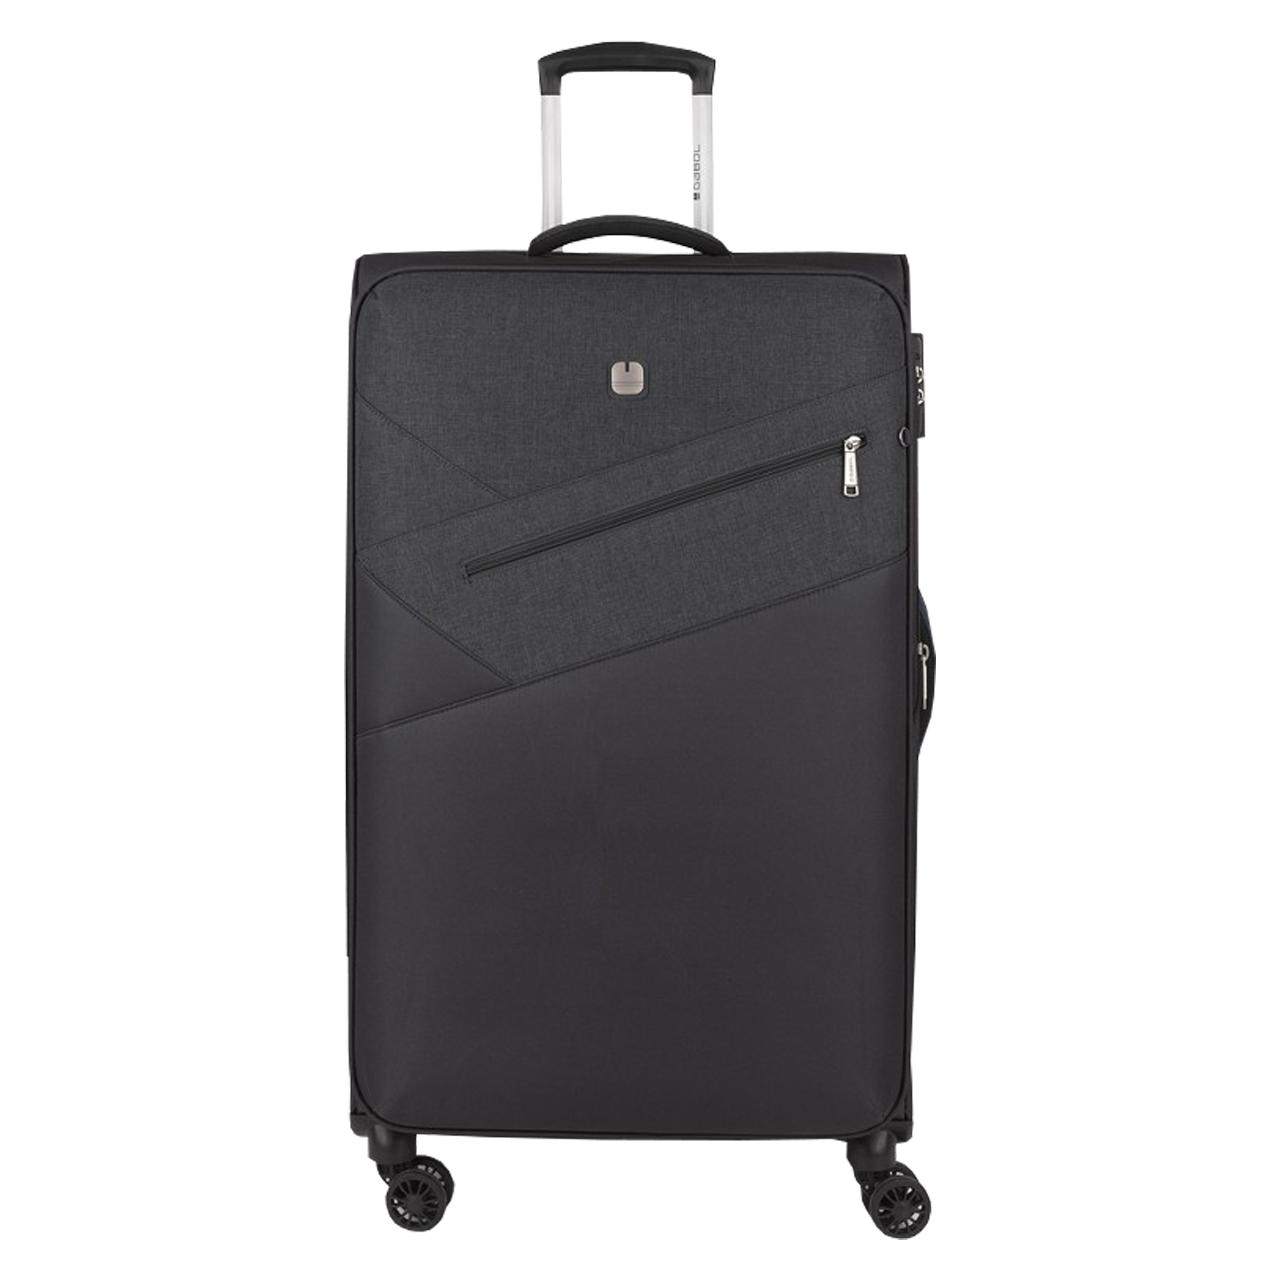 چمدان گابل مدل Mailer سایز بزرگ